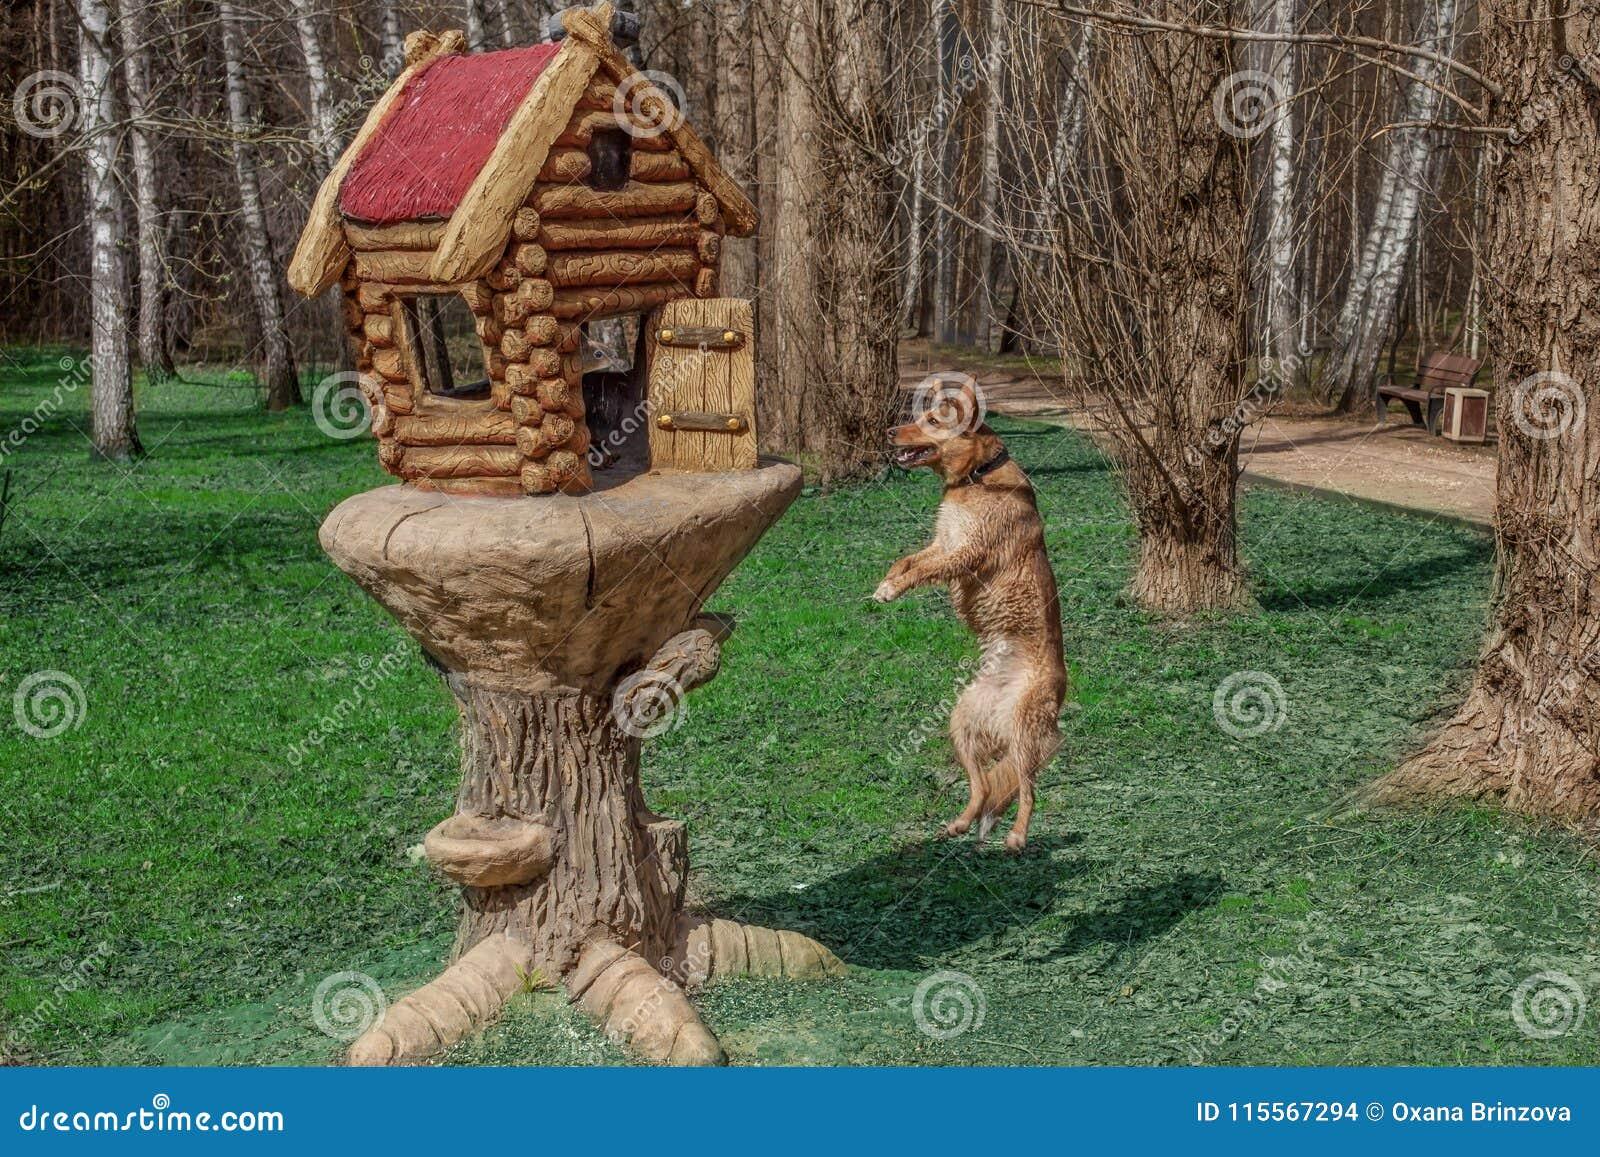 De rode hond zegt aan een scuirrel` Hey vriend! Luister, ben ik geen vos, l am een vogel Niet zeker? Kijk, kan ik vliegen Kan ik